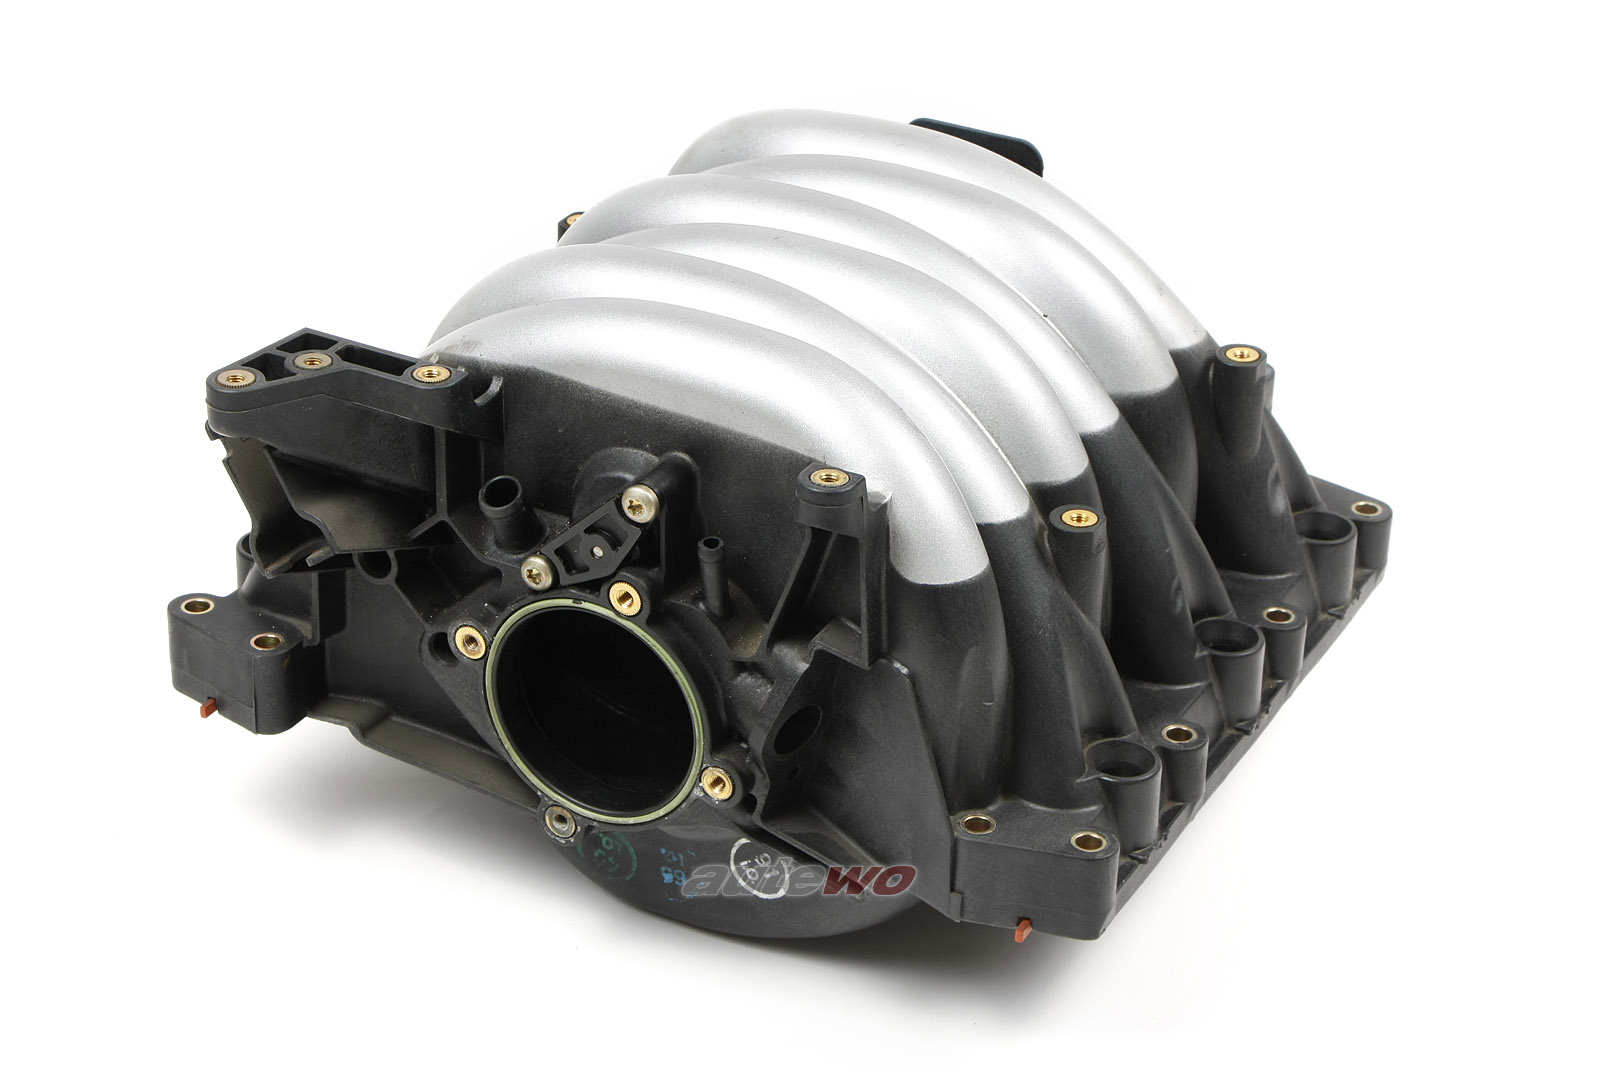 078133201BA/078133223S 078133151AM NEU Audi A4 B5/A6 4B/A8 D2 6 Zyl. Saugrohr